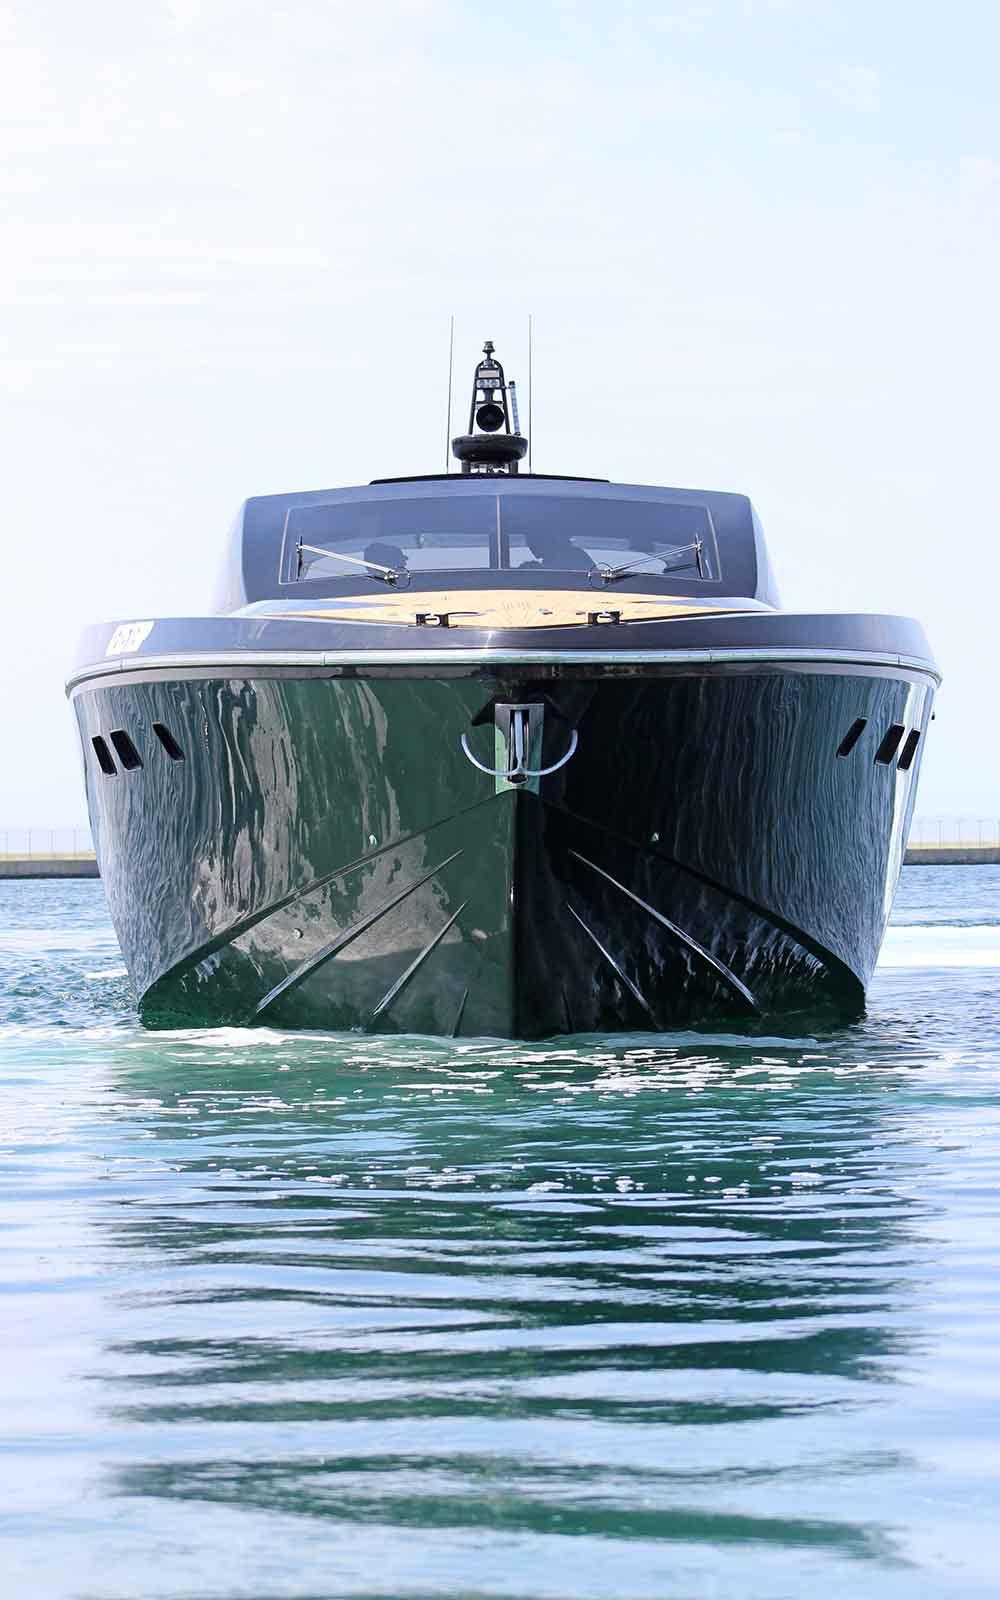 otam 85 gts - boat shopping 7